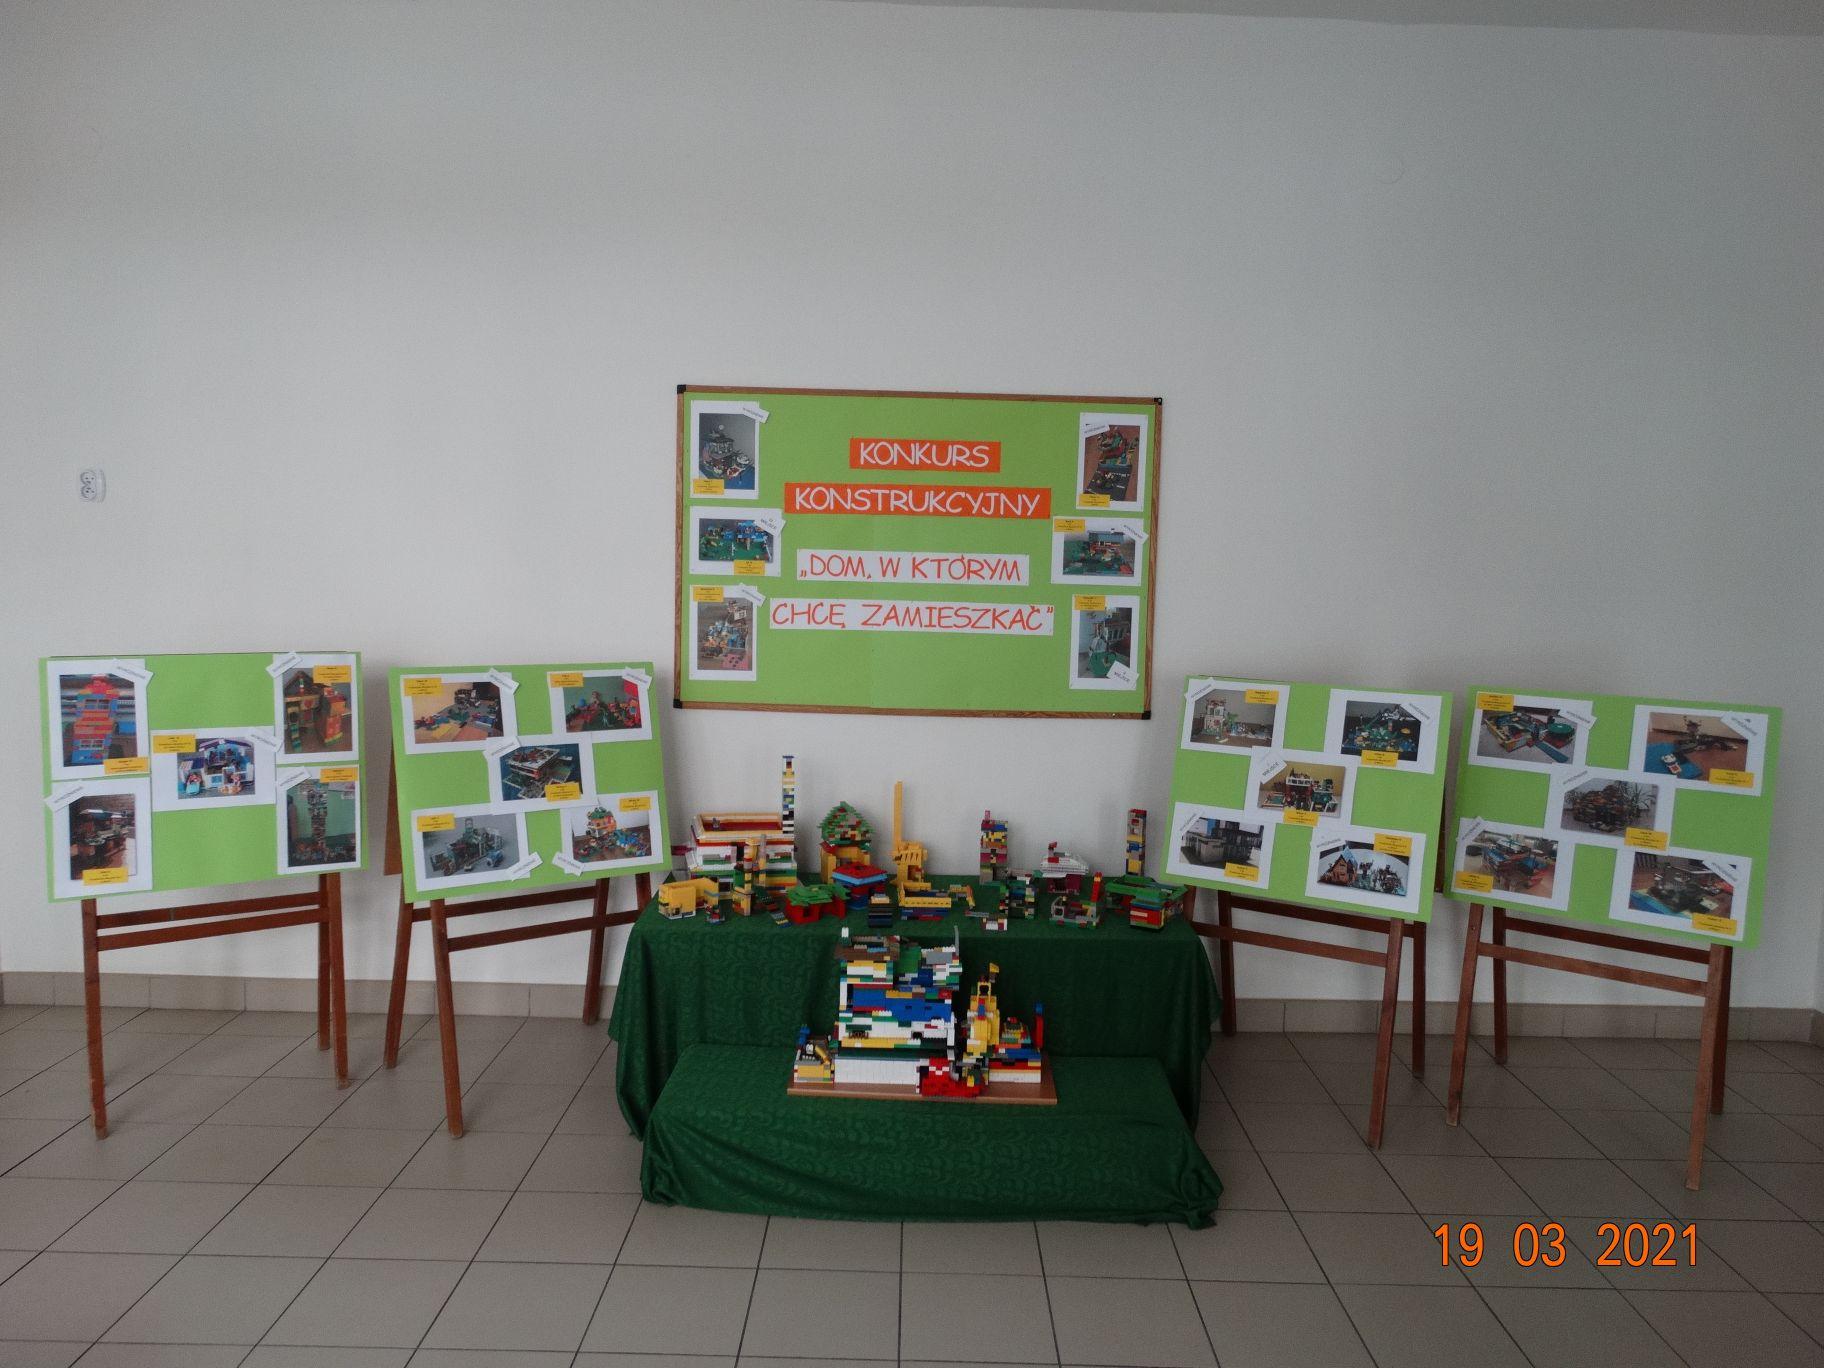 Konkurs na miarę programu telewizyjnego. Przedszkolaki konstruują dom [ZDJĘCIA] - Zdjęcie główne